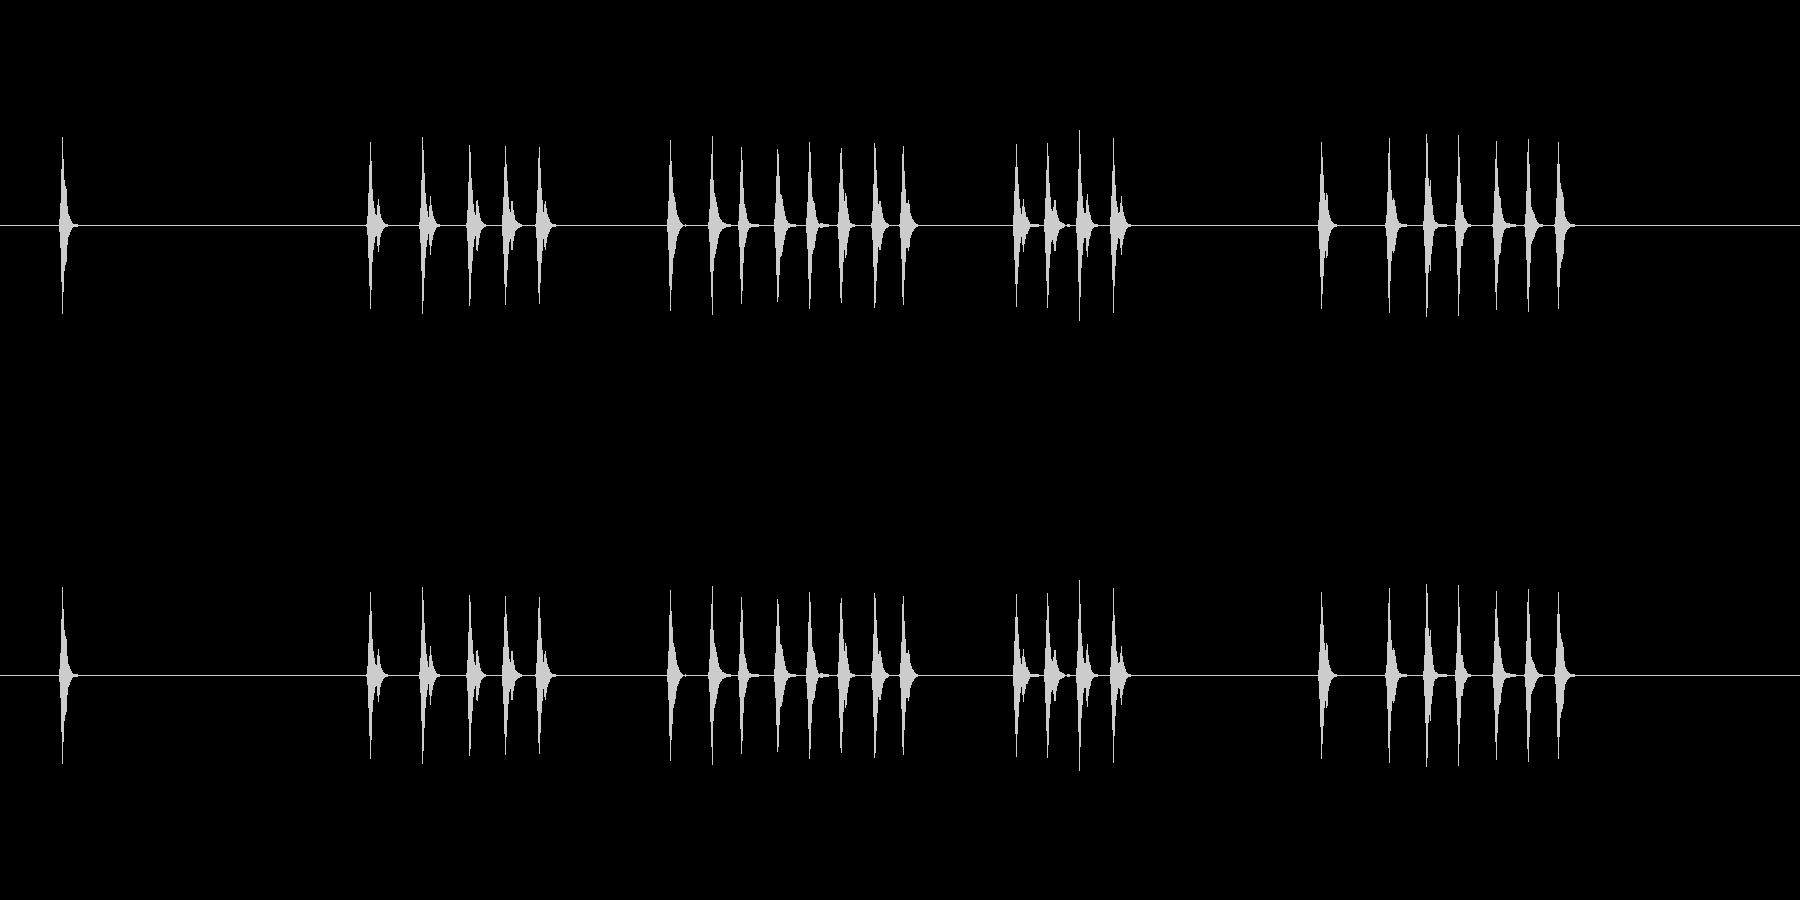 ユーザーインターフェイス音 キー入力の未再生の波形